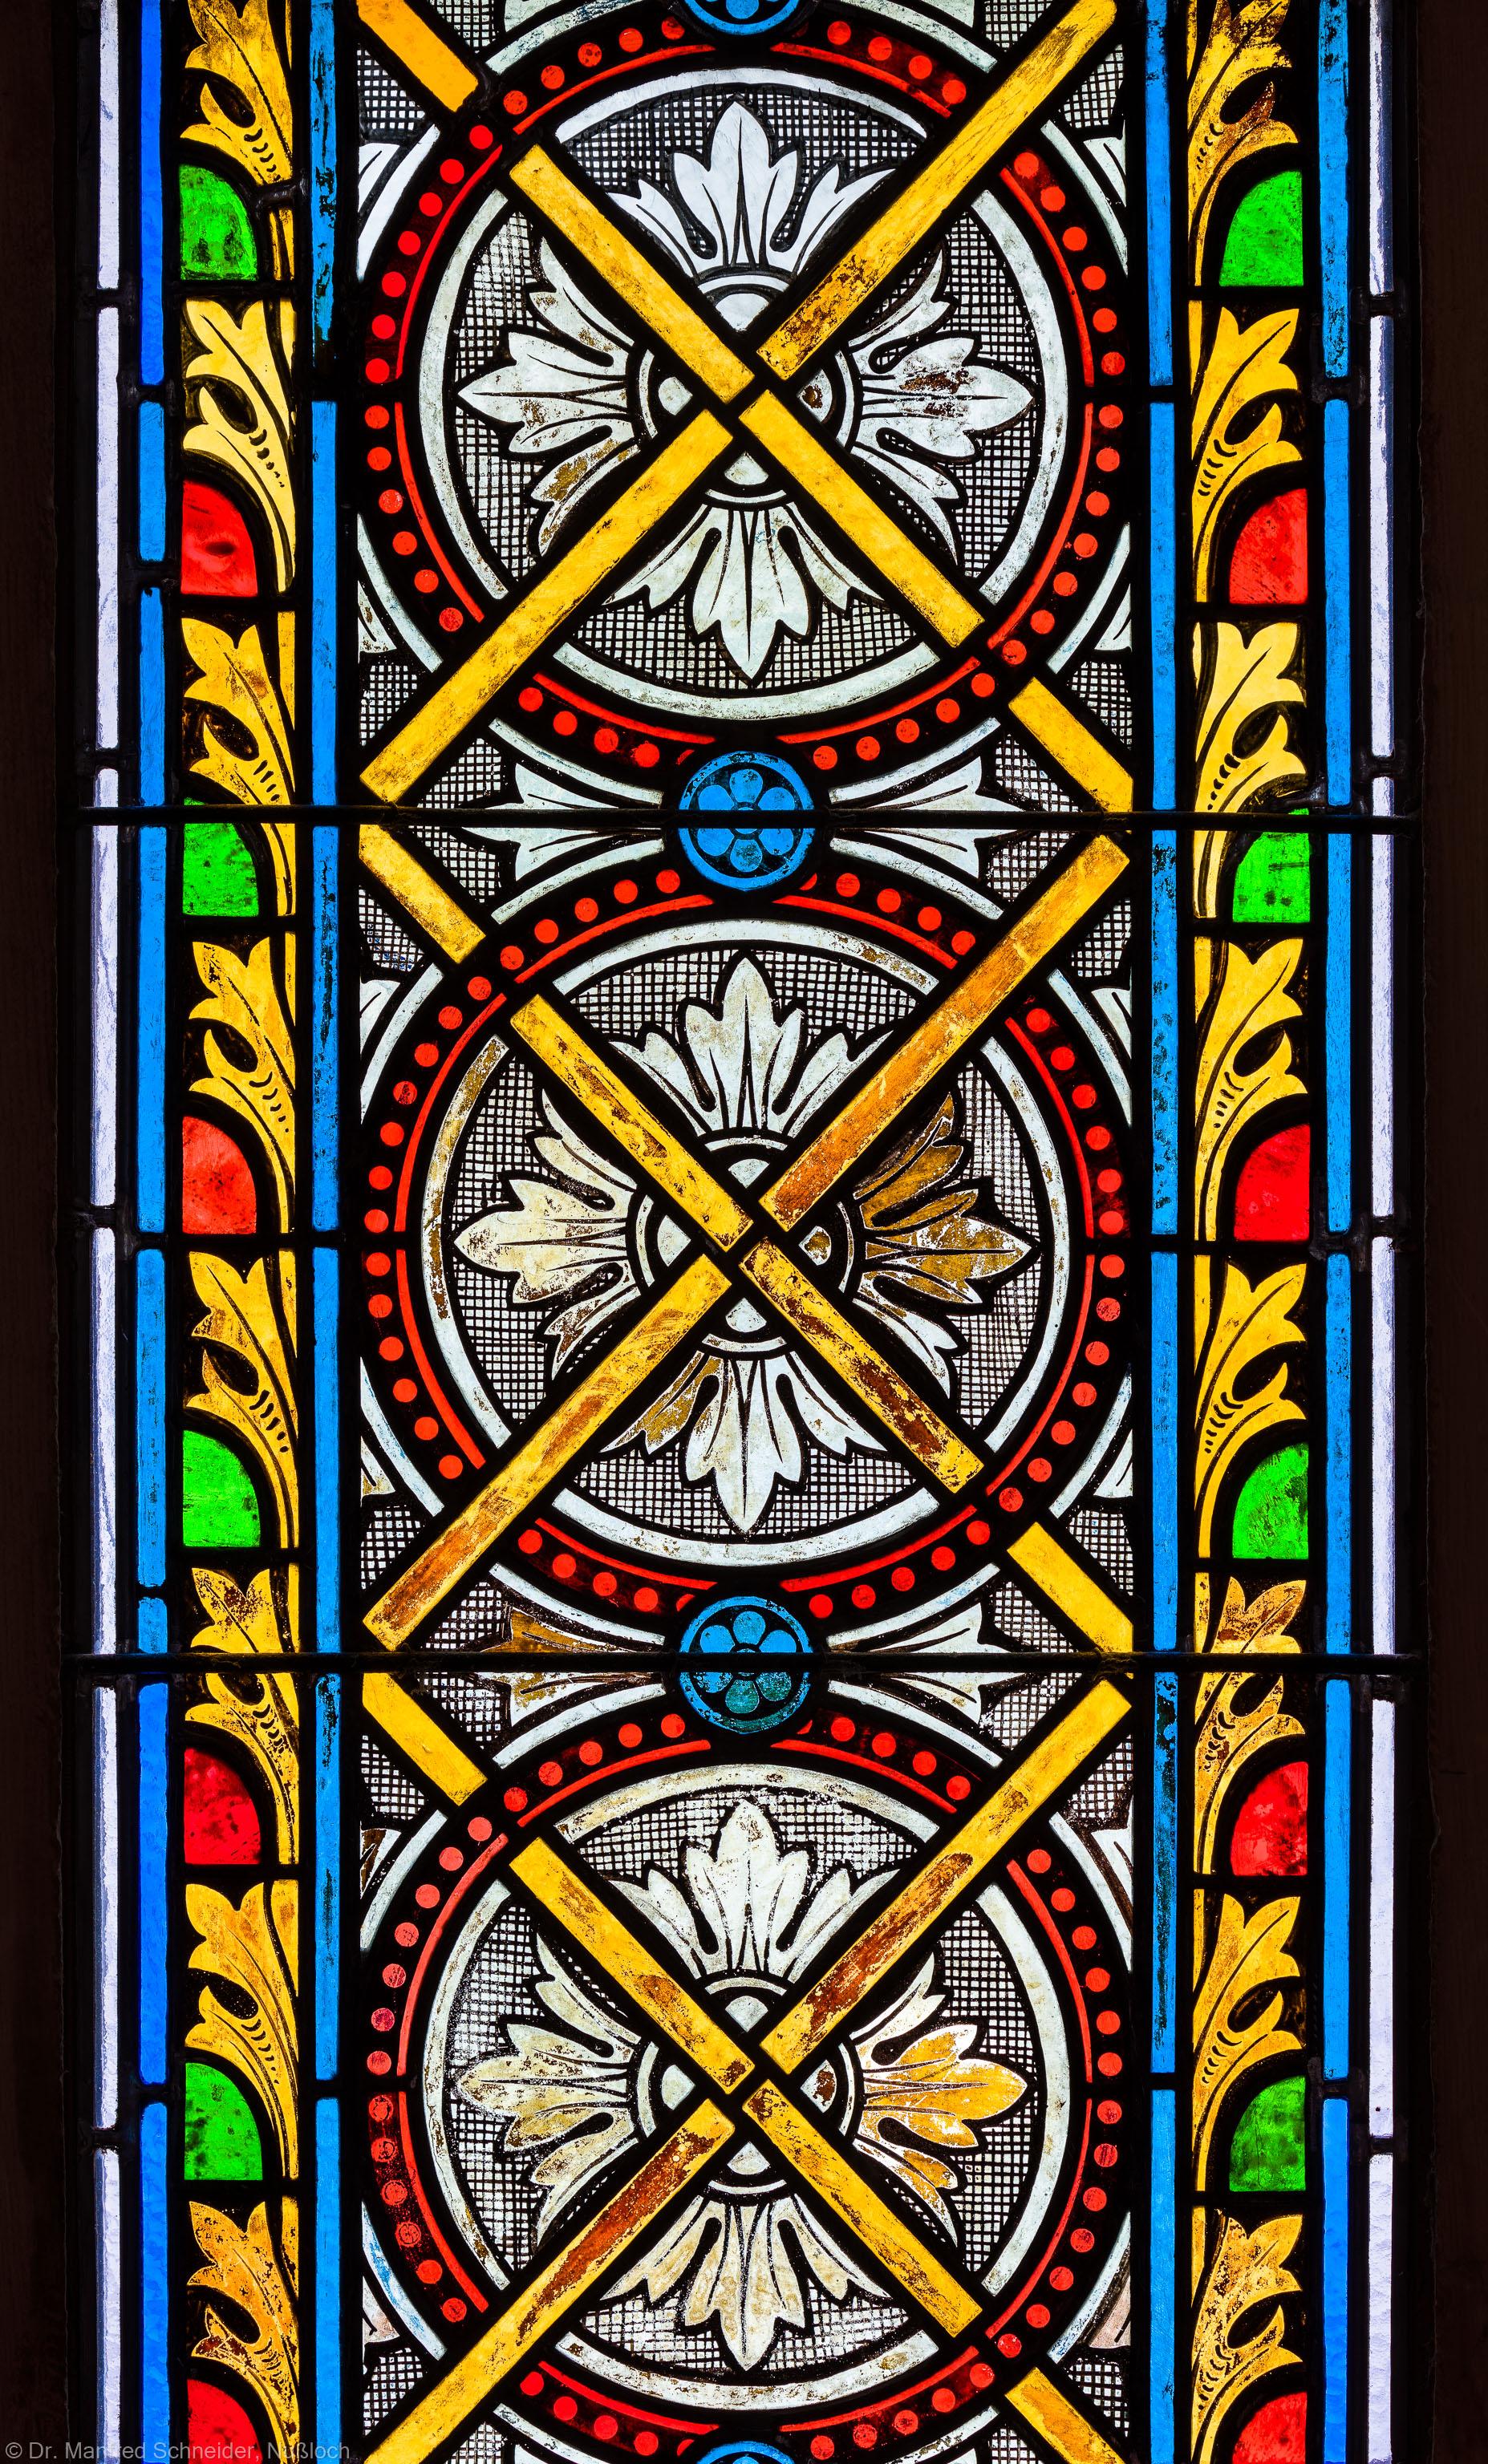 Heidelberg - Heiliggeistkirche - Südschiff - 4. Joch, von Westen aus gezählt - Feld des Ornamentfensters (aufgenommen im Oktober 2015, am späten Nachmittag)